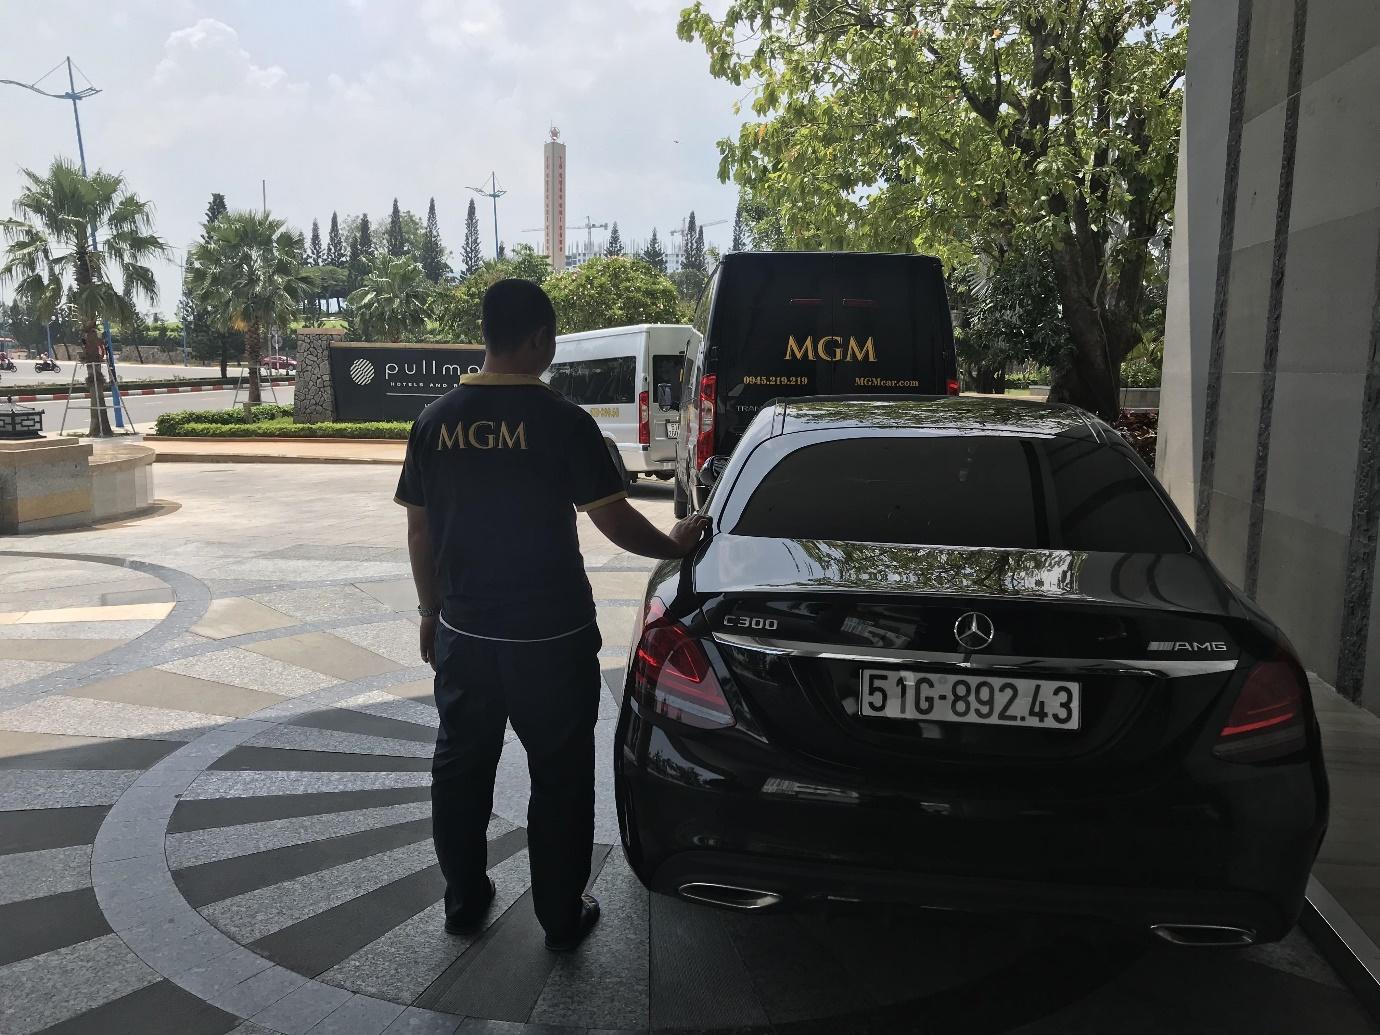 Lái xe MGM hỗ trợ đưa hành lý đoàn khách vào trong Khách sạn Pullman 5 sao